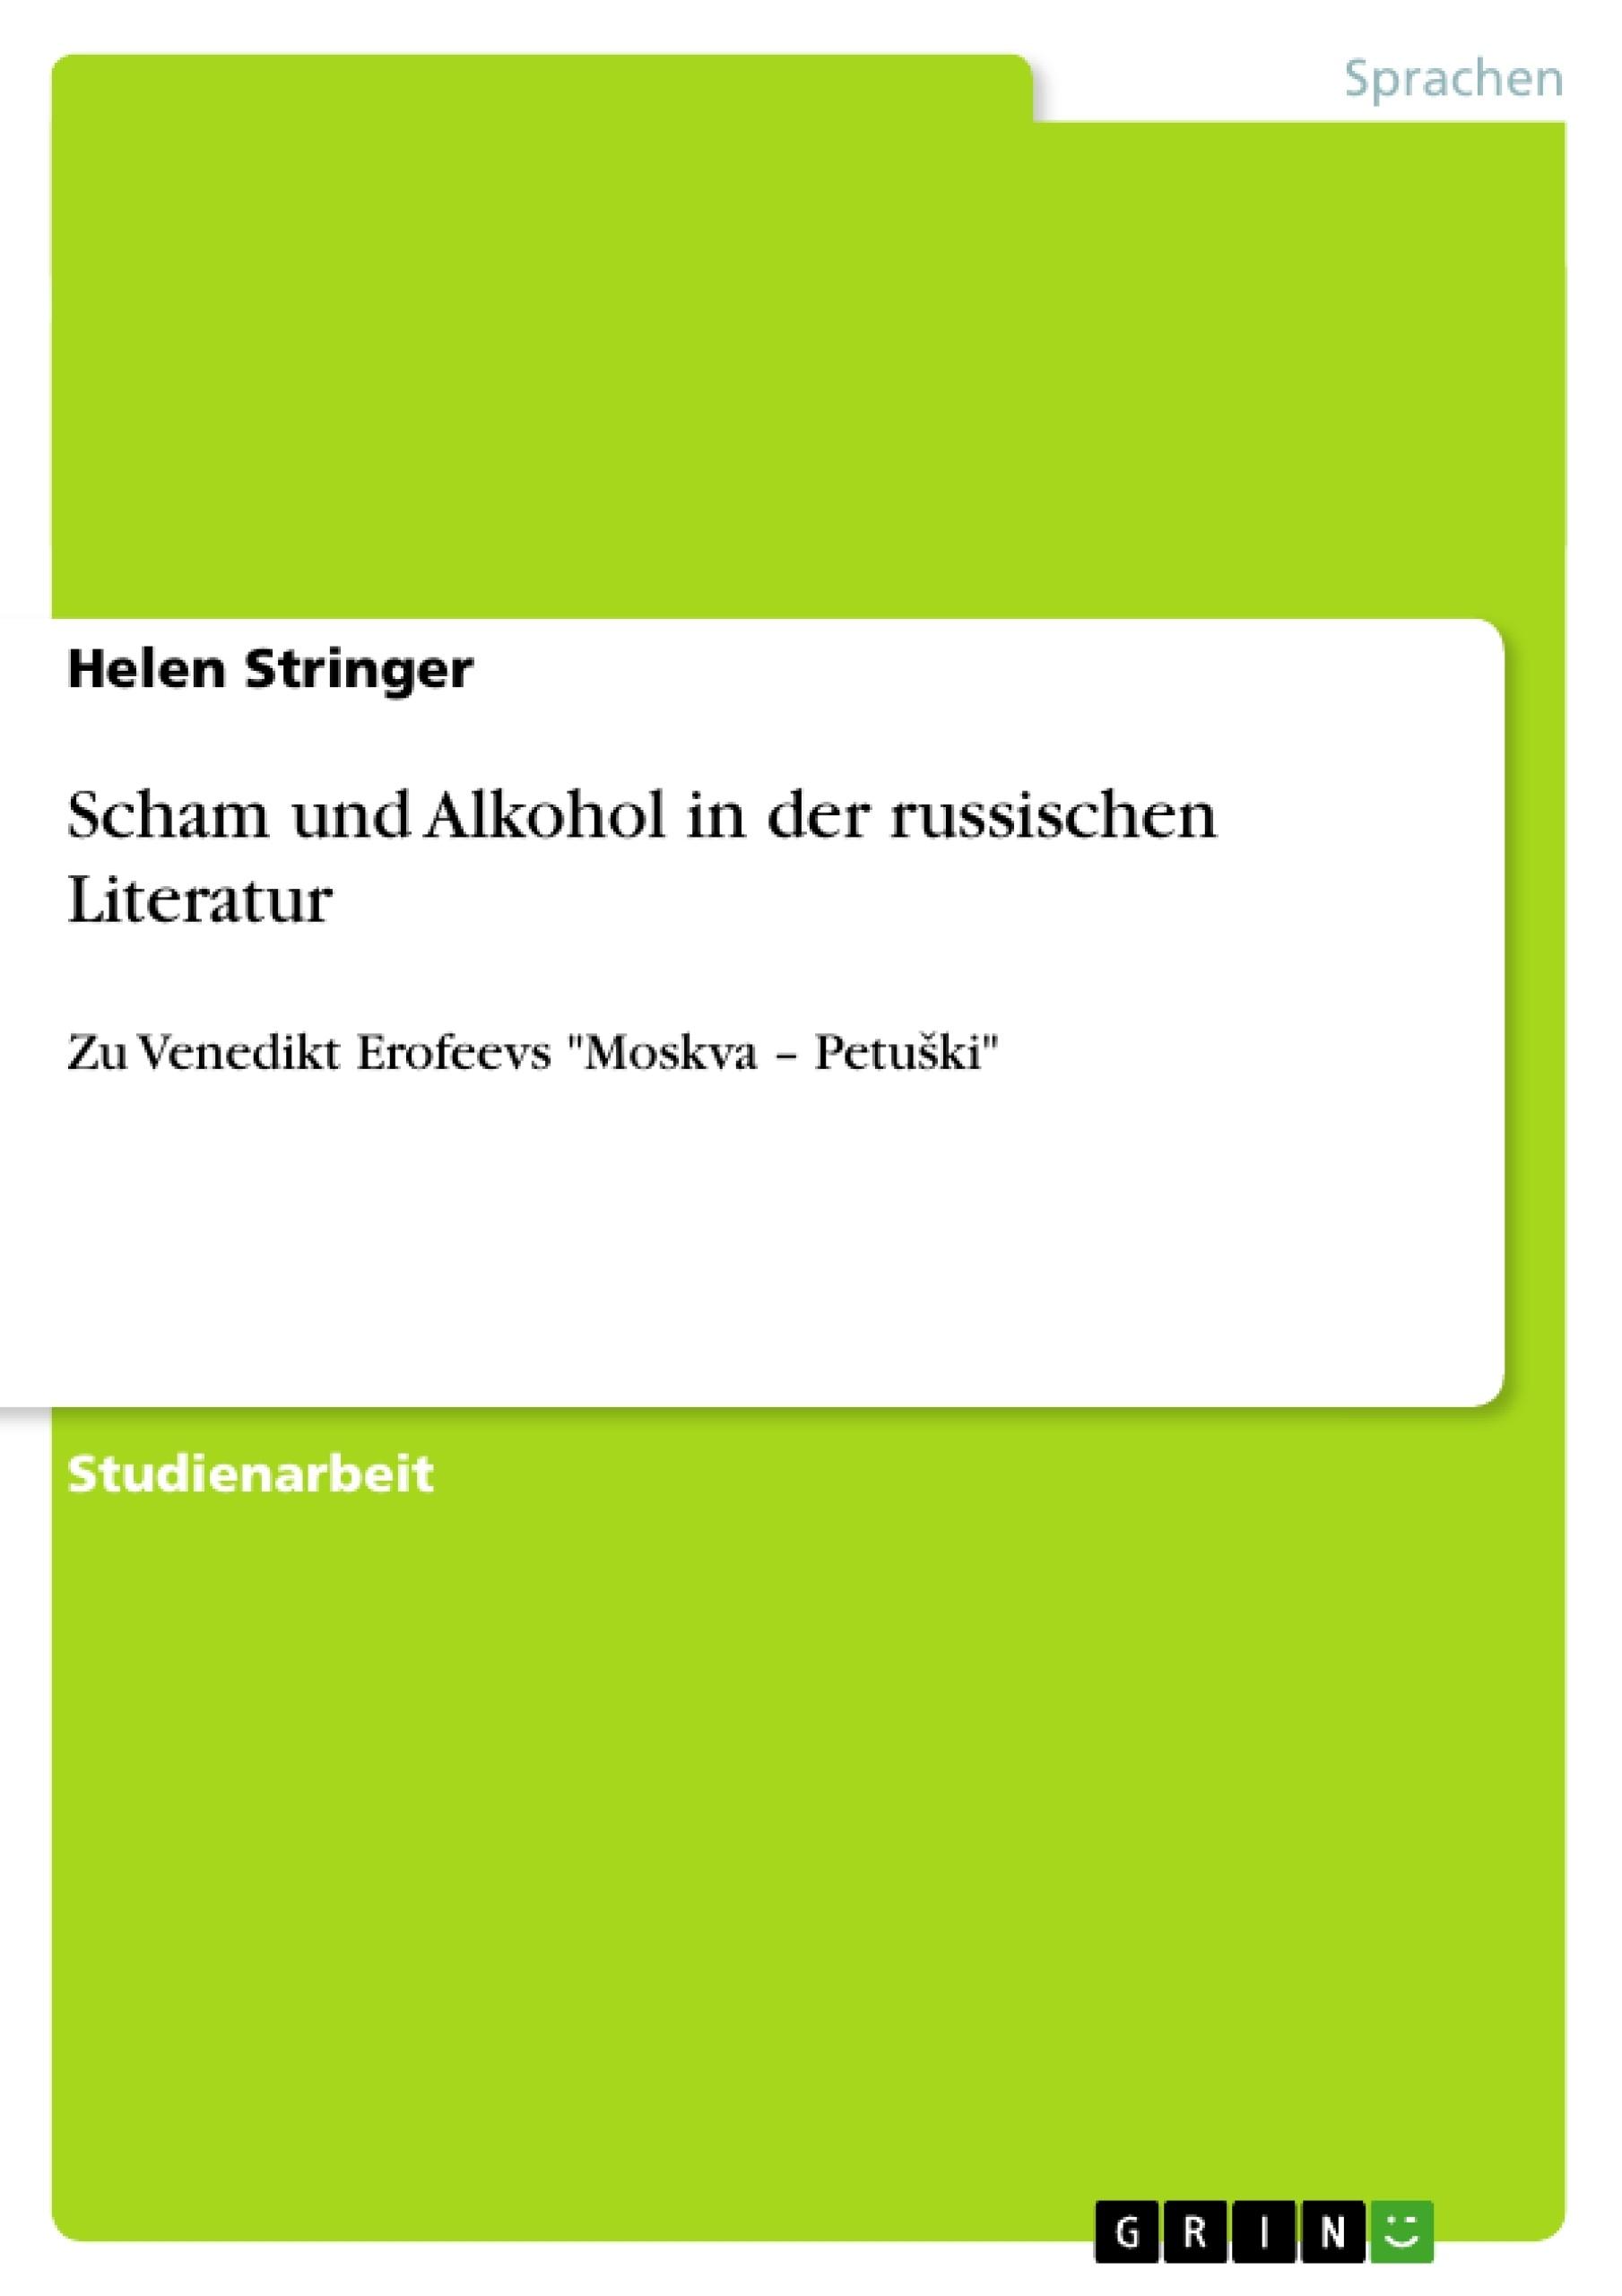 Titel: Scham und Alkohol in der russischen Literatur